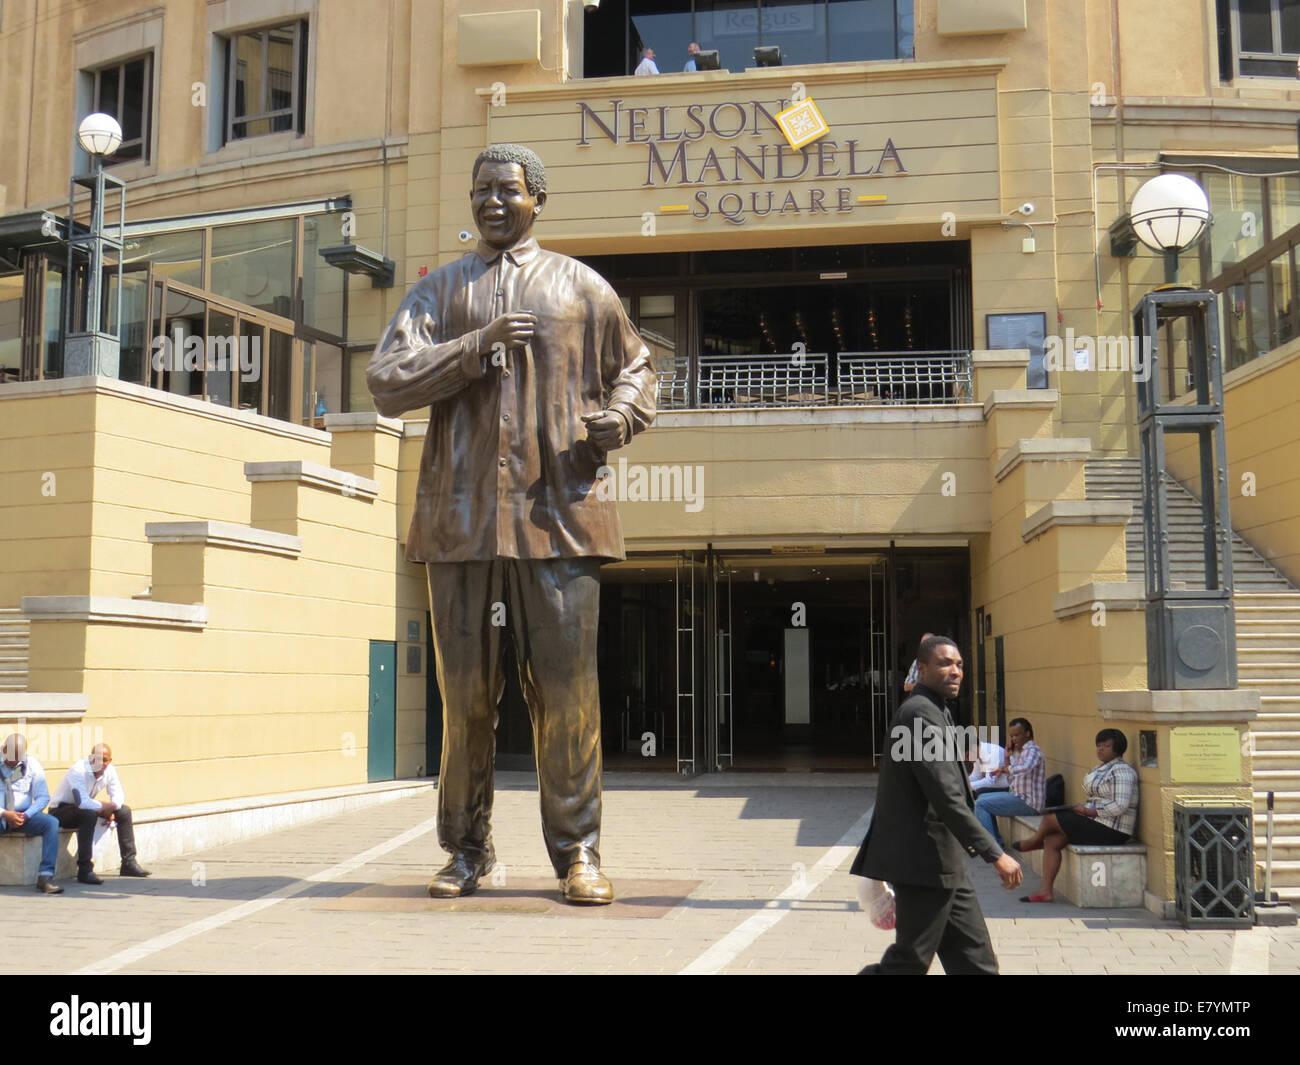 La place Nelson Mandela de Johannesburg à Sandton. Photo Tony Gale Photo Stock